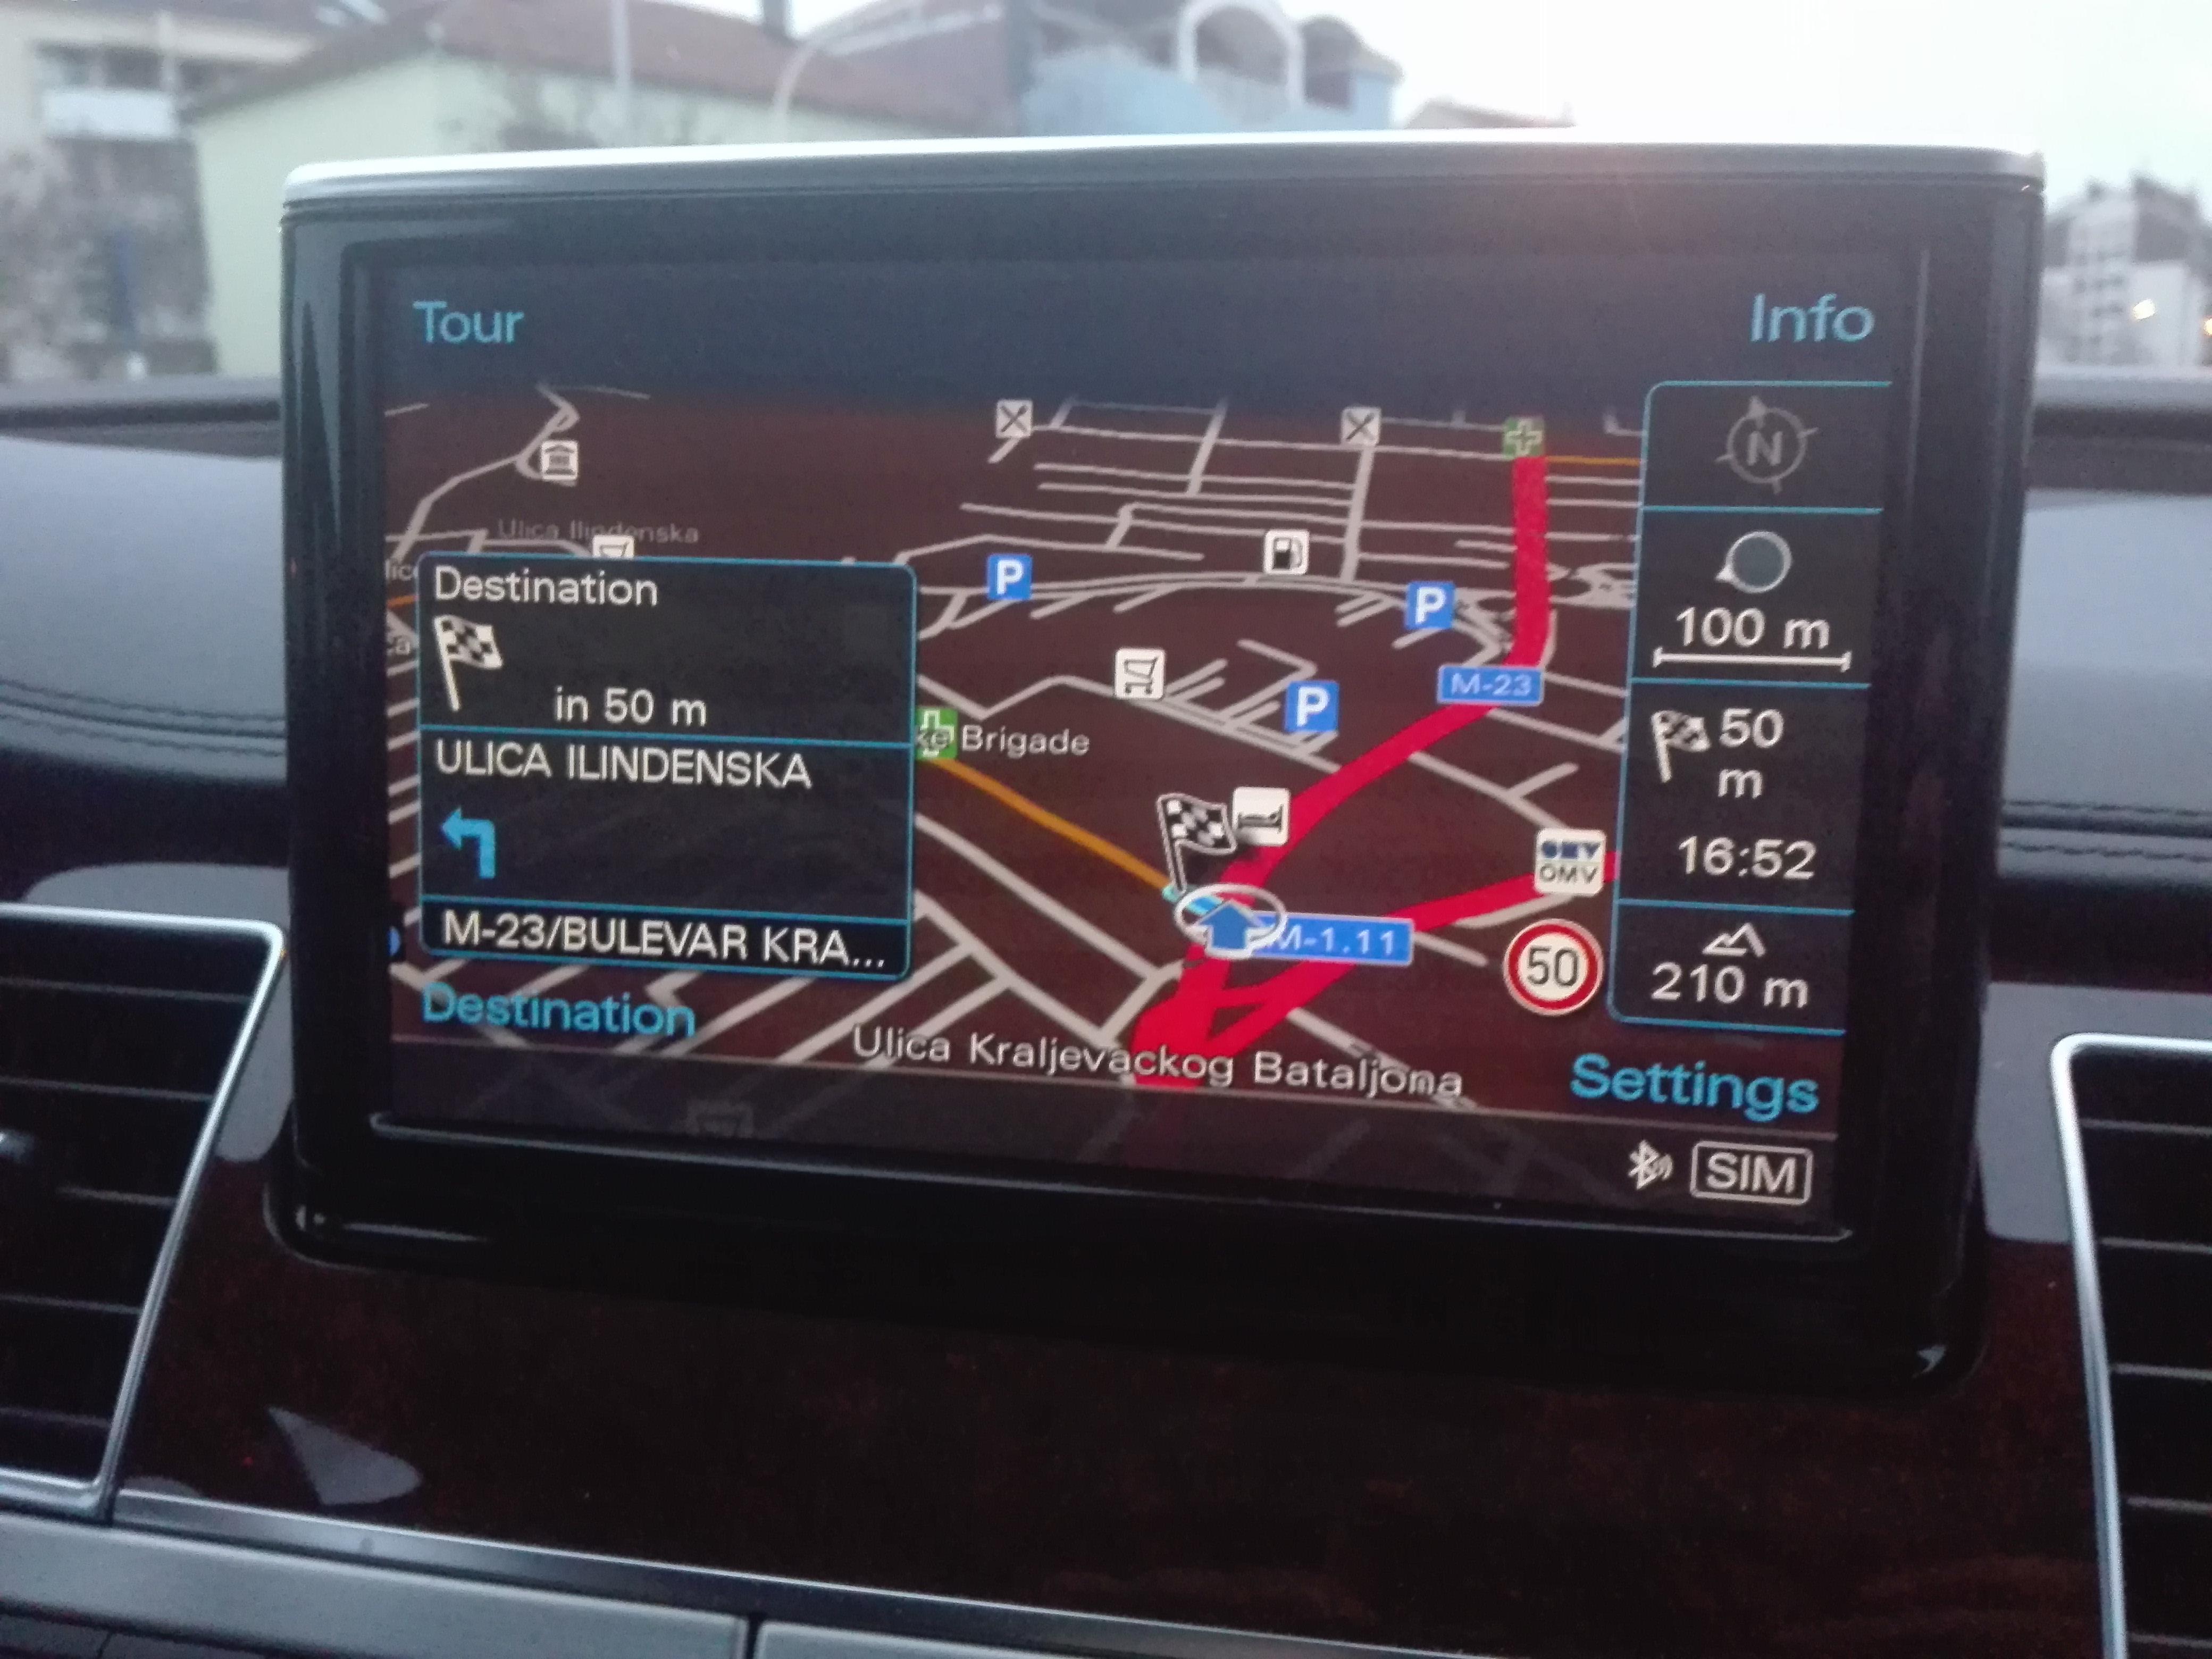 Najnovija Mapa Evrope 2020 Za Audi Mmi 3g Plus Fabricke Navigacije